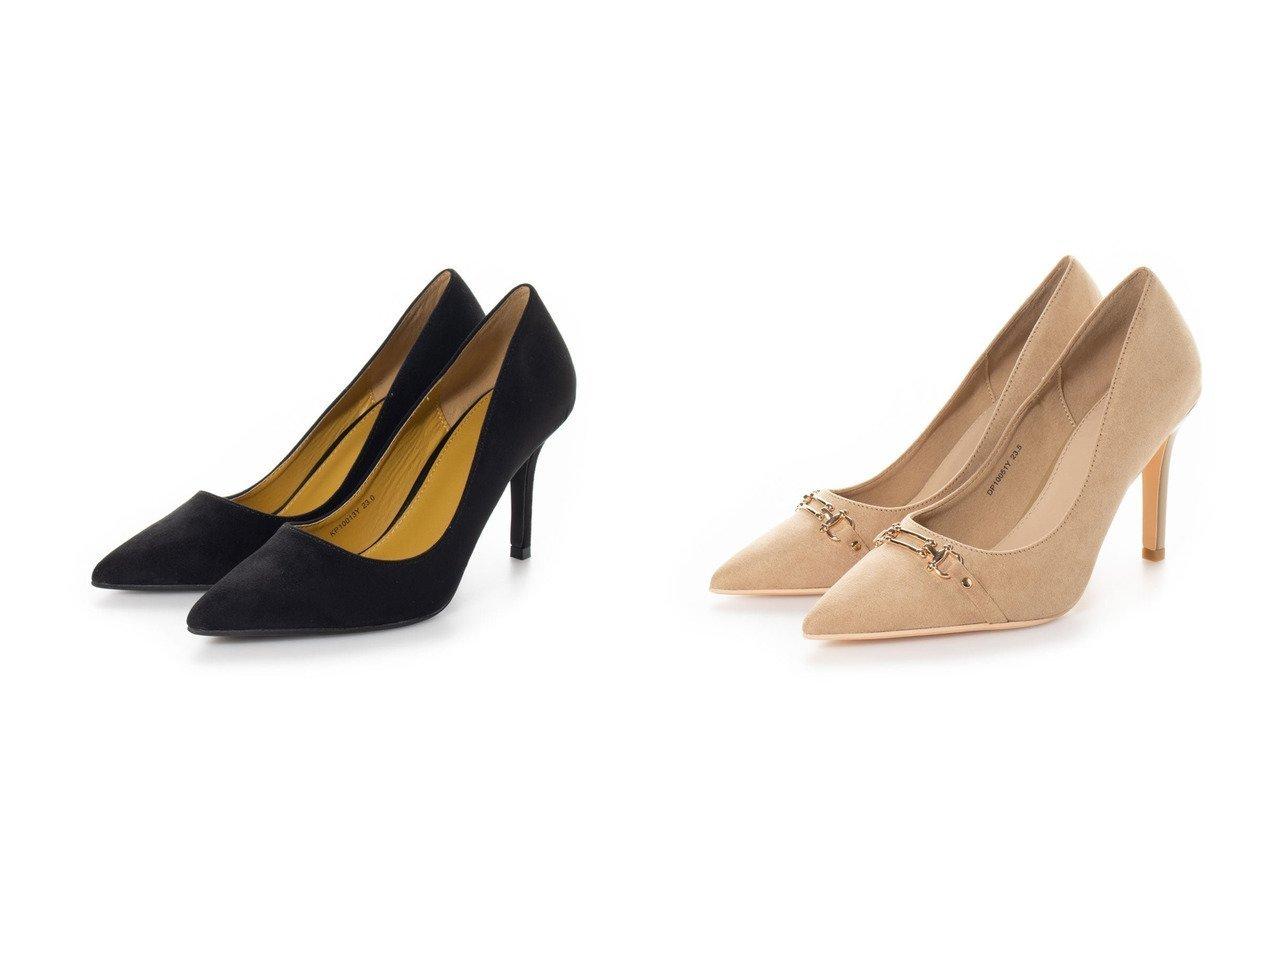 【RANDA/ランダ】のポインテッドトゥハイヒールパンプス&ストレスフリー/ゴールドビットパーツポインテッドトゥパンプス シューズ・靴のおすすめ!人気、トレンド・レディースファッションの通販  おすすめで人気の流行・トレンド、ファッションの通販商品 メンズファッション・キッズファッション・インテリア・家具・レディースファッション・服の通販 founy(ファニー) https://founy.com/ ファッション Fashion レディースファッション WOMEN 2021年 2021 2021 春夏 S/S SS Spring/Summer 2021 S/S 春夏 SS Spring/Summer コンビ シンプル ベーシック 春 Spring |ID:crp329100000019304